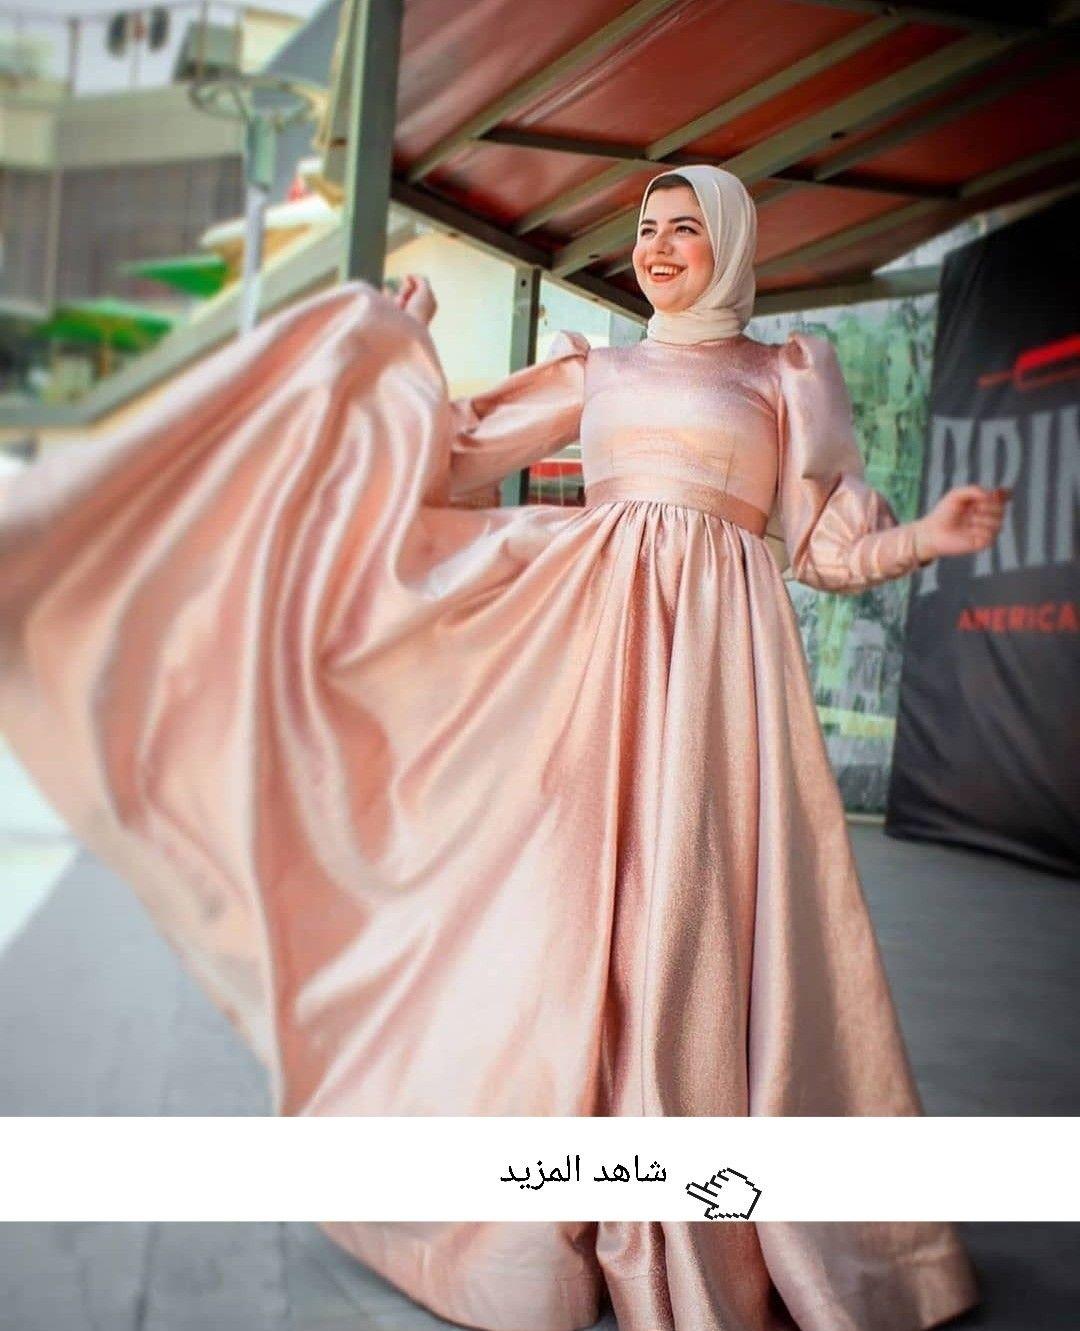 شاهدي اروع فساتين سهرة للمحجبات Formal Dresses Long Dresses Formal Dresses